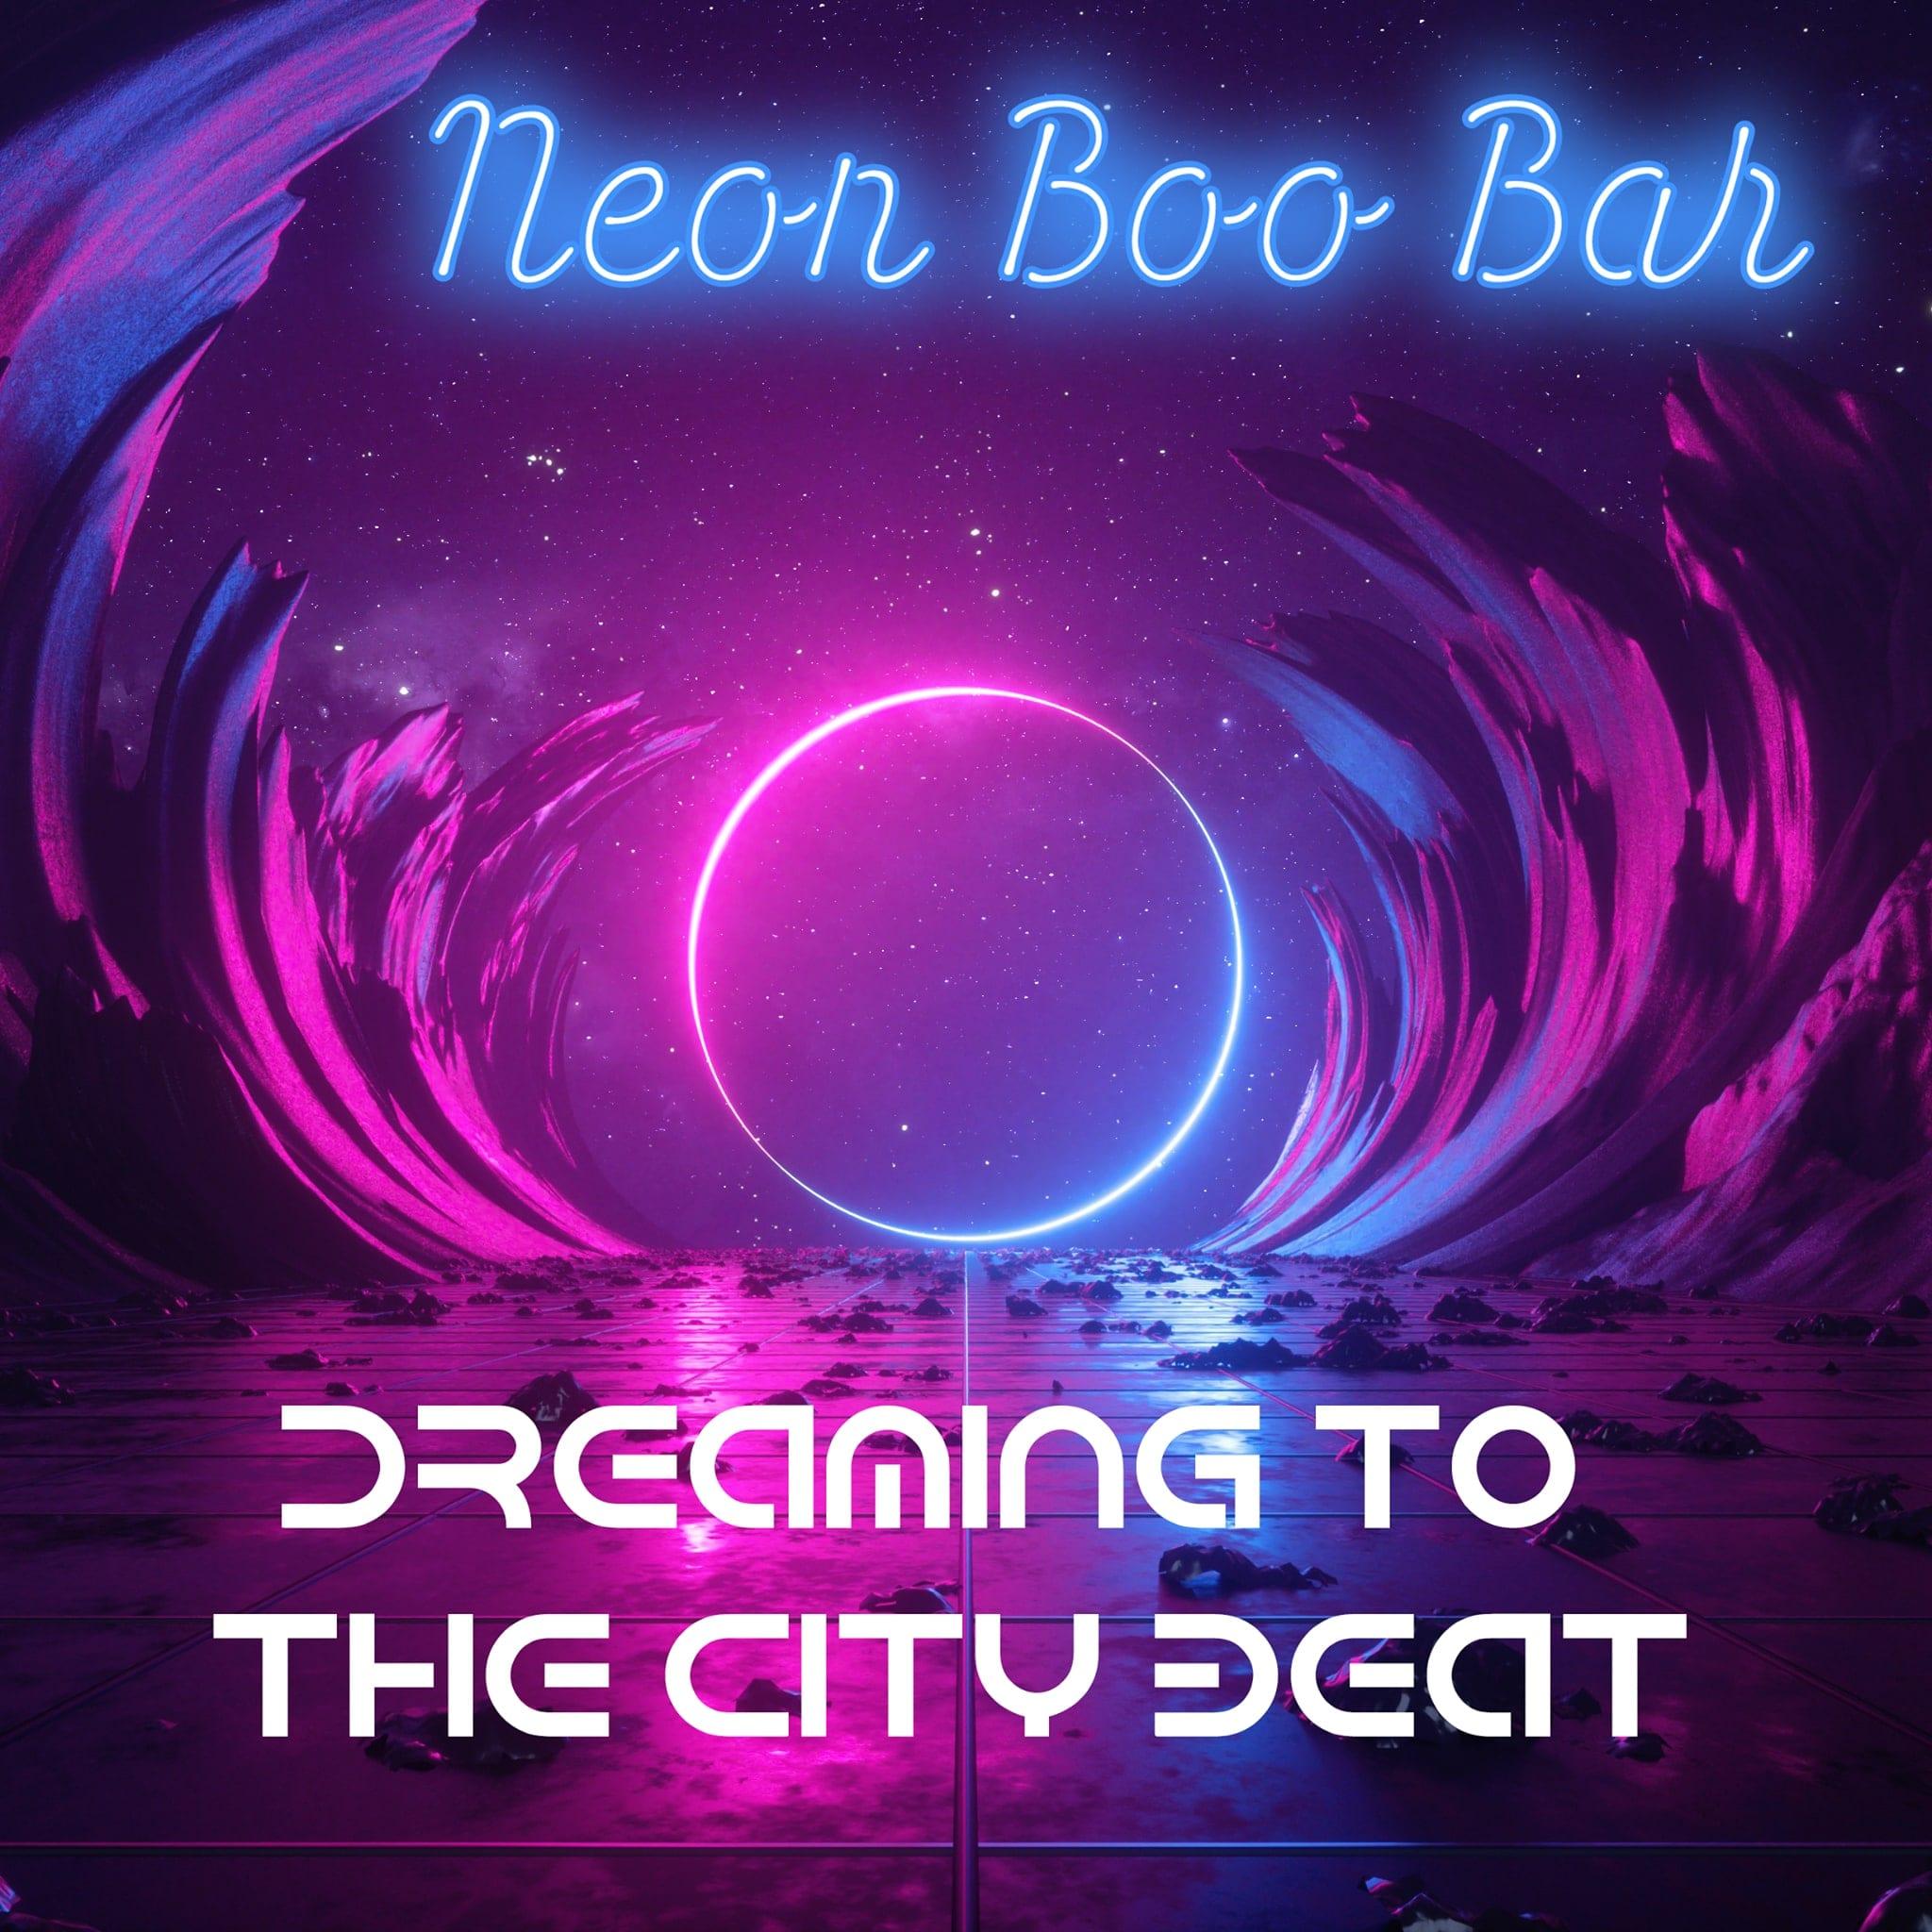 """Neon Boo Bar: """"Dreaming To The City Beat"""" als Single und Video veröffentlicht ?"""